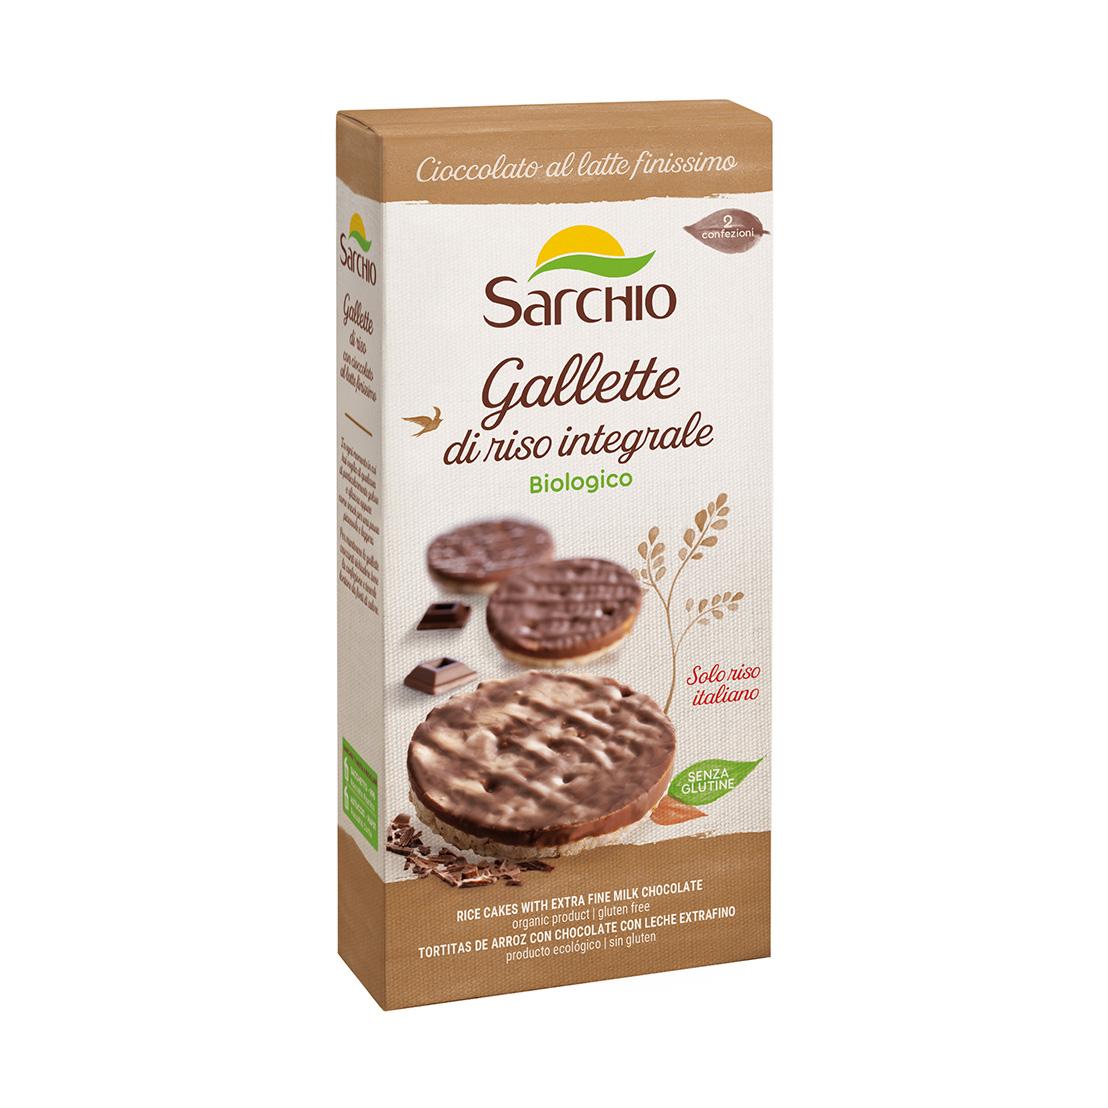 Gallette con cioccolato latte finissimo